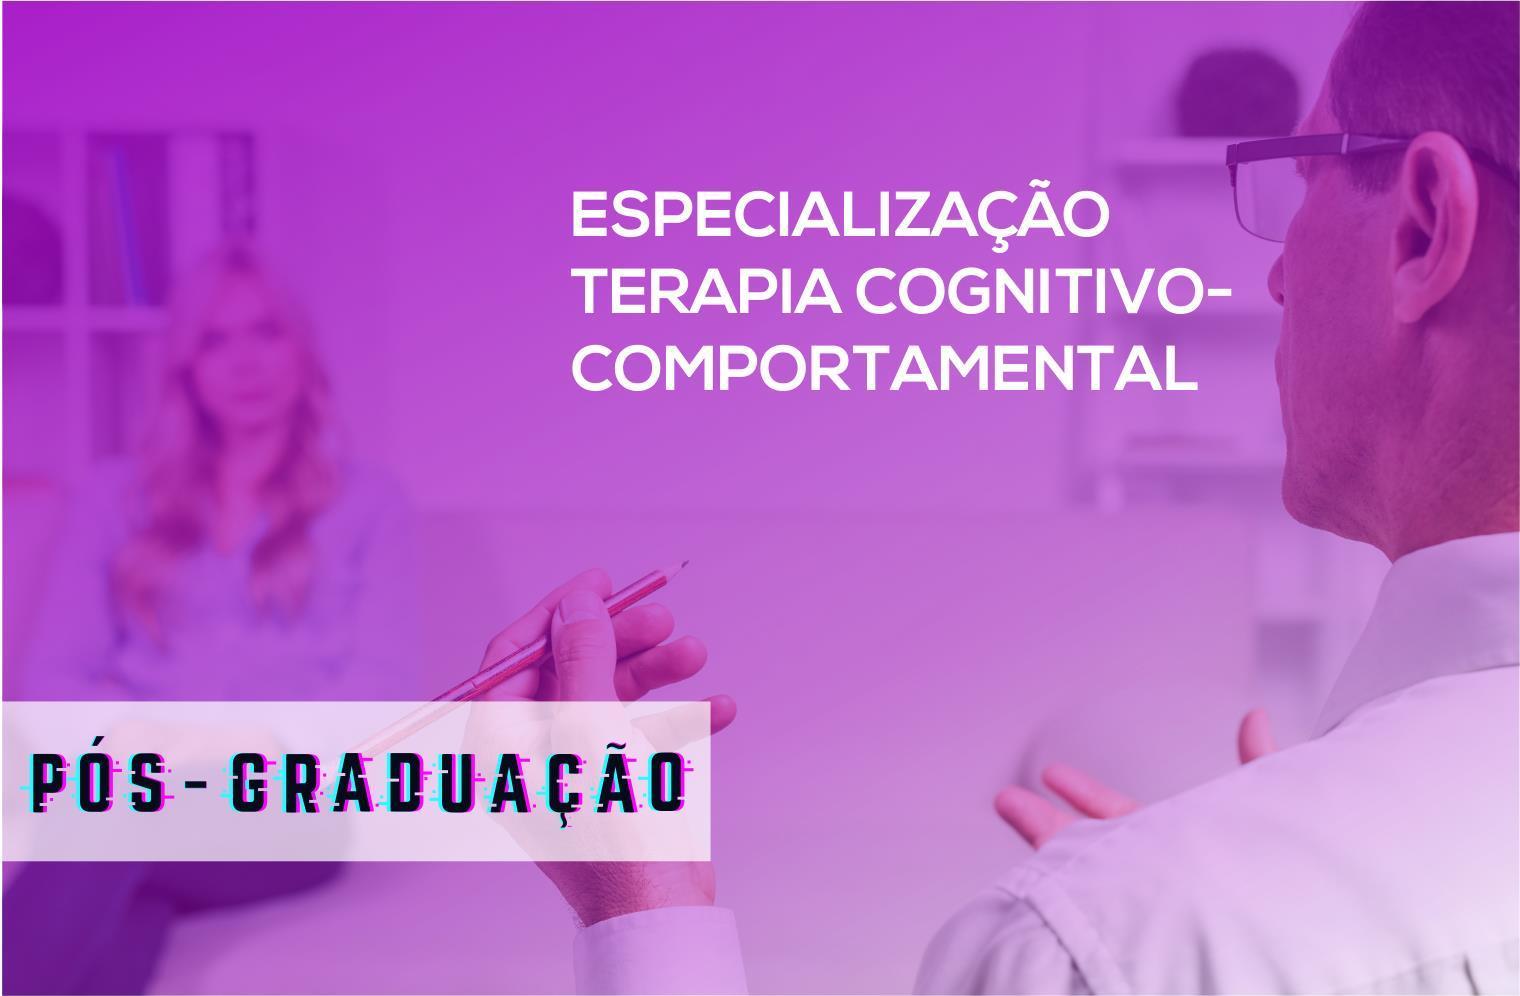 Especialização em Terapia Cognitivo-Comportamental